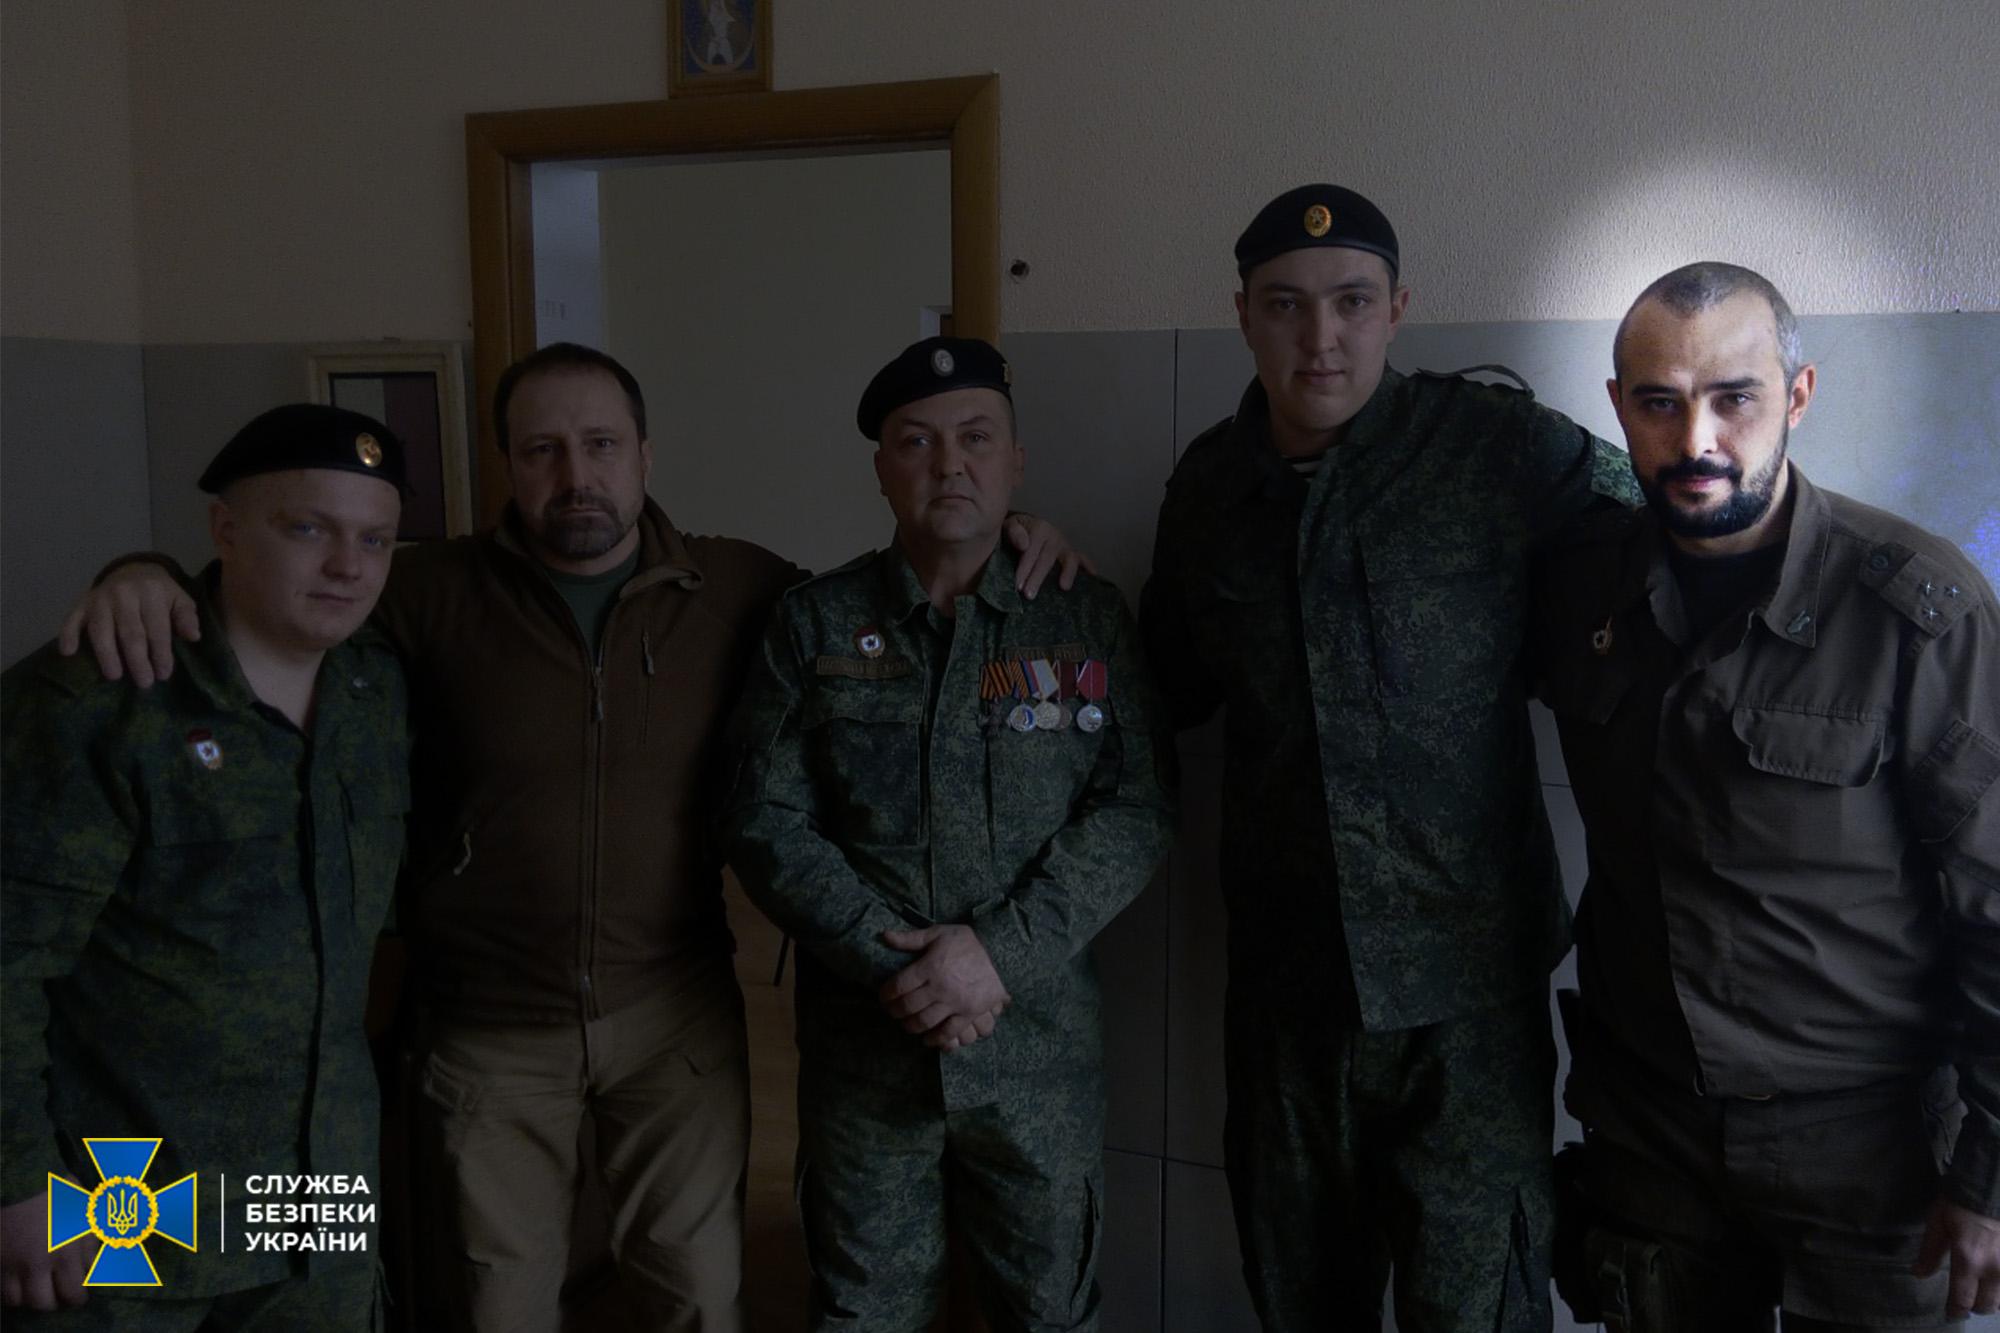 Сейчас осужденный скрывается от правосудия / ssu.gov.ua